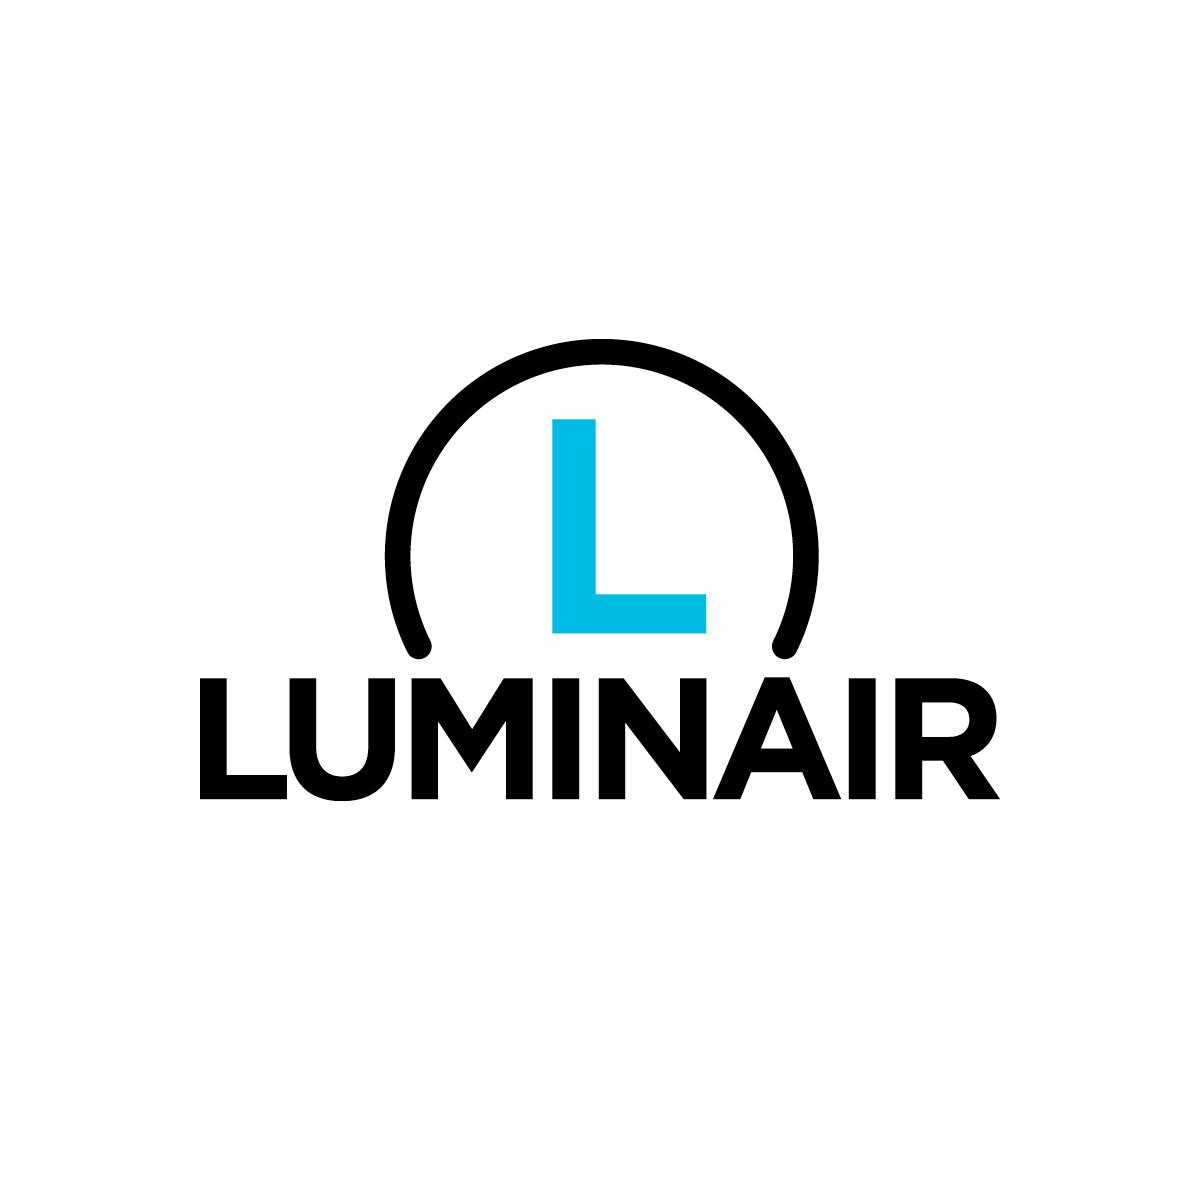 Luminair_logo.jpg